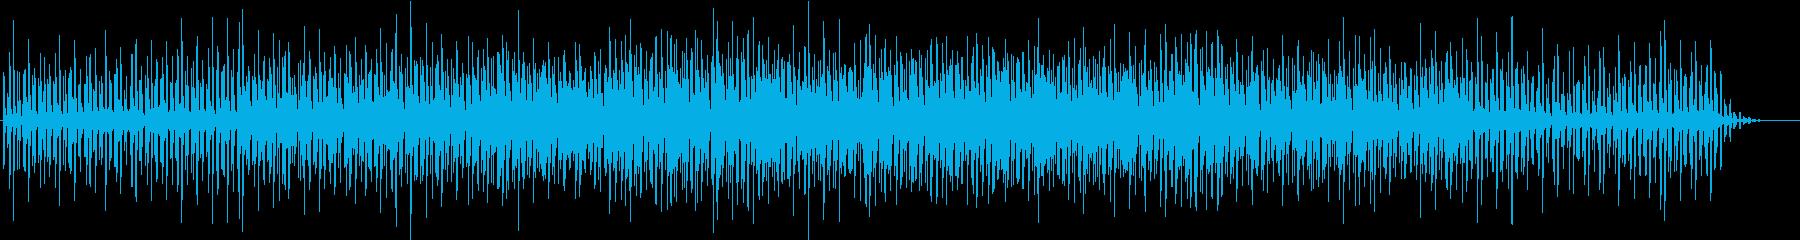 アブストラクトなシンセサイザーBGMの再生済みの波形